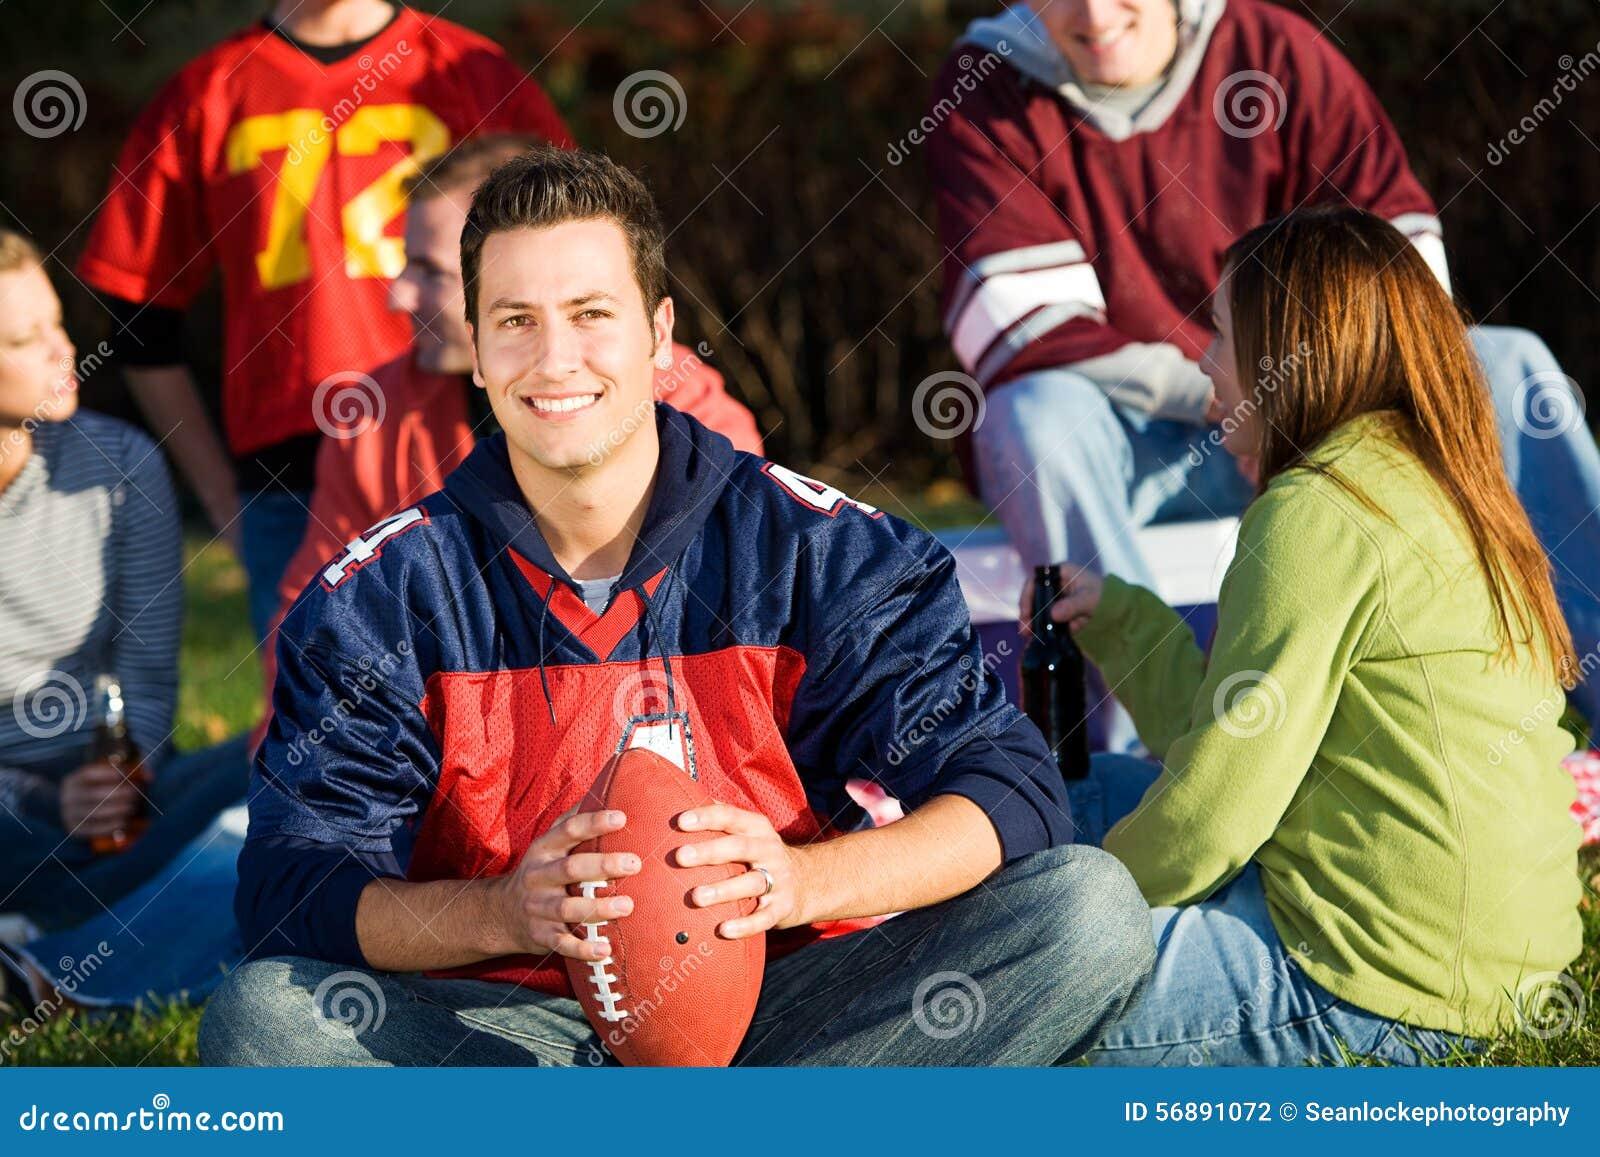 Calcio: Tipo di calcio con gli amici al picnic